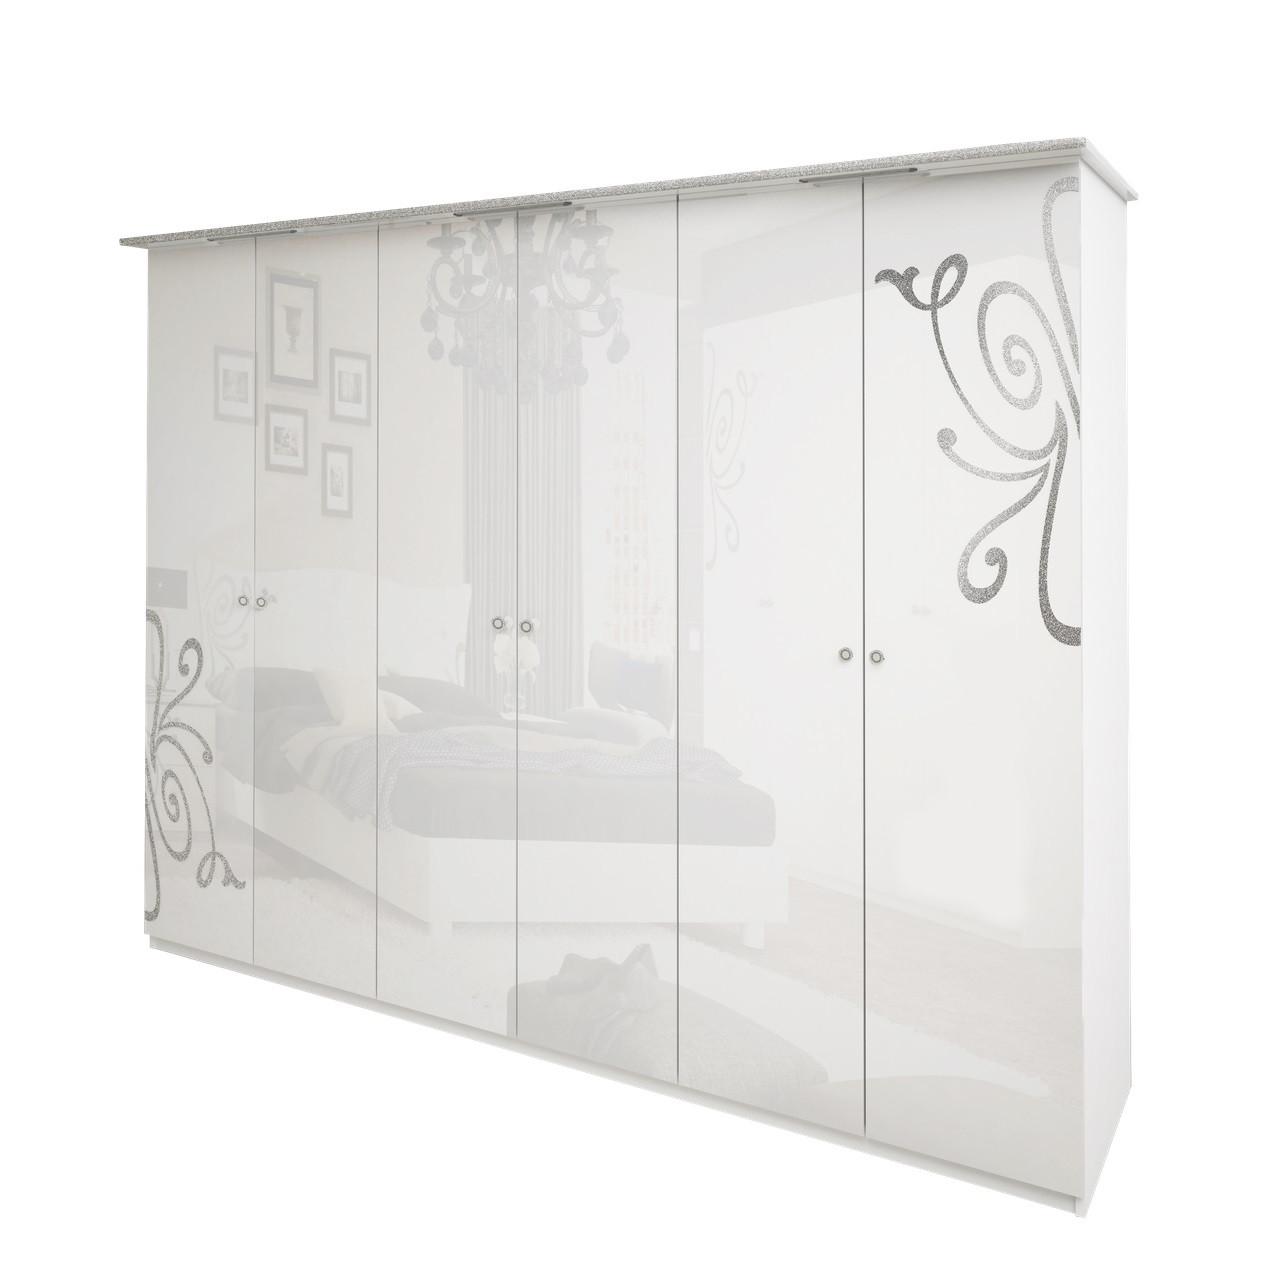 Шафа розпашній в спальню, в передпокій Богема 6Д BG-26-WB MiroMark білий глянець (без дзеркал)